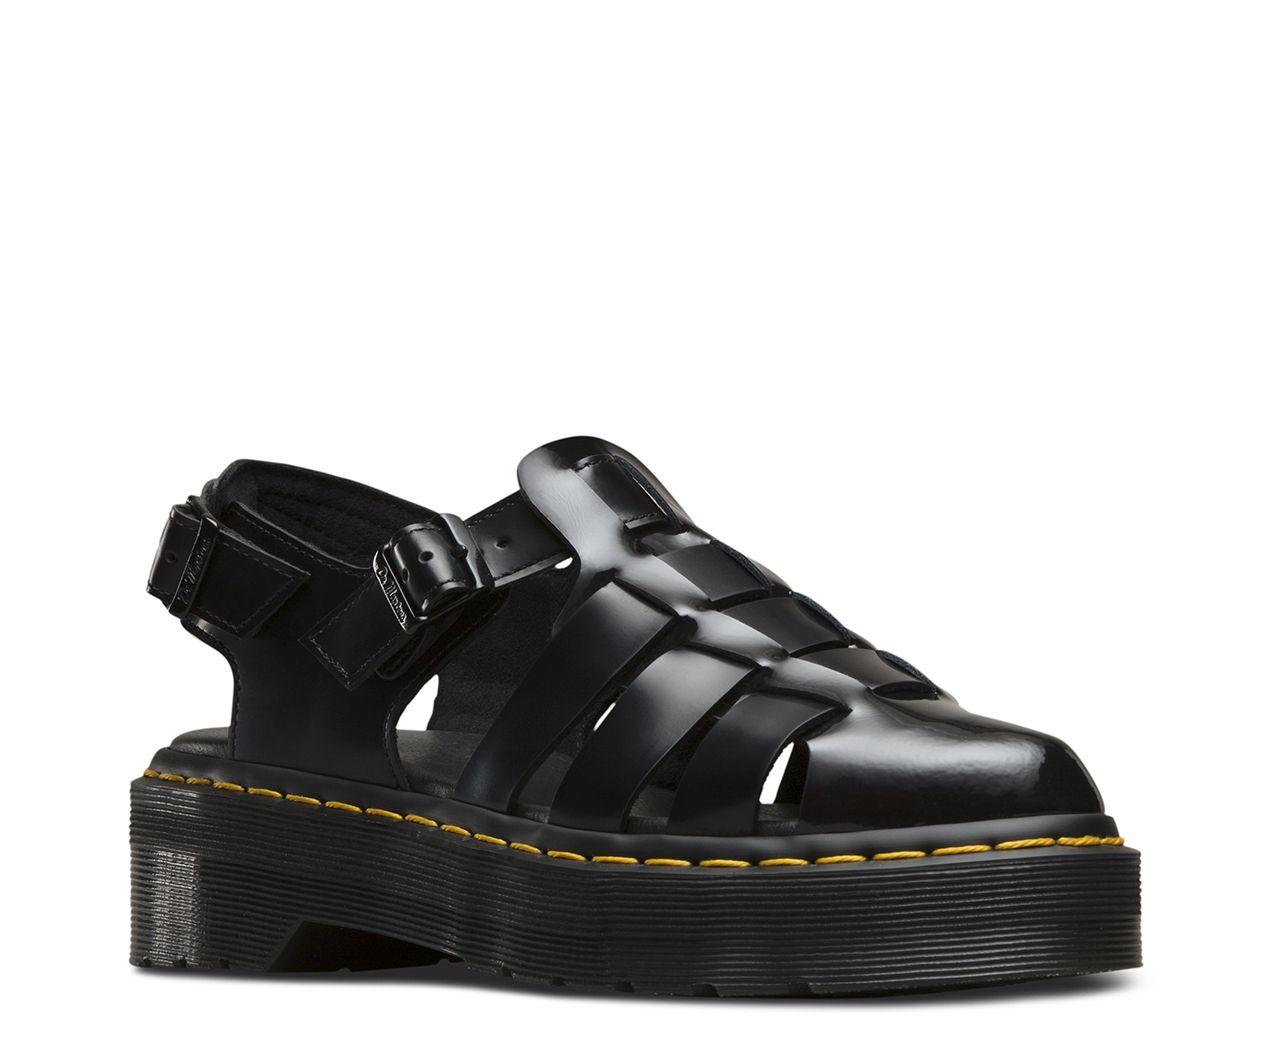 ddf4d550a3fbc3 Les sandales pour femme Oriana surfent grave sur la mode des années 1990.  Les Oriana envoient un max de style avec leurs semelles compensées super  épaisses ...